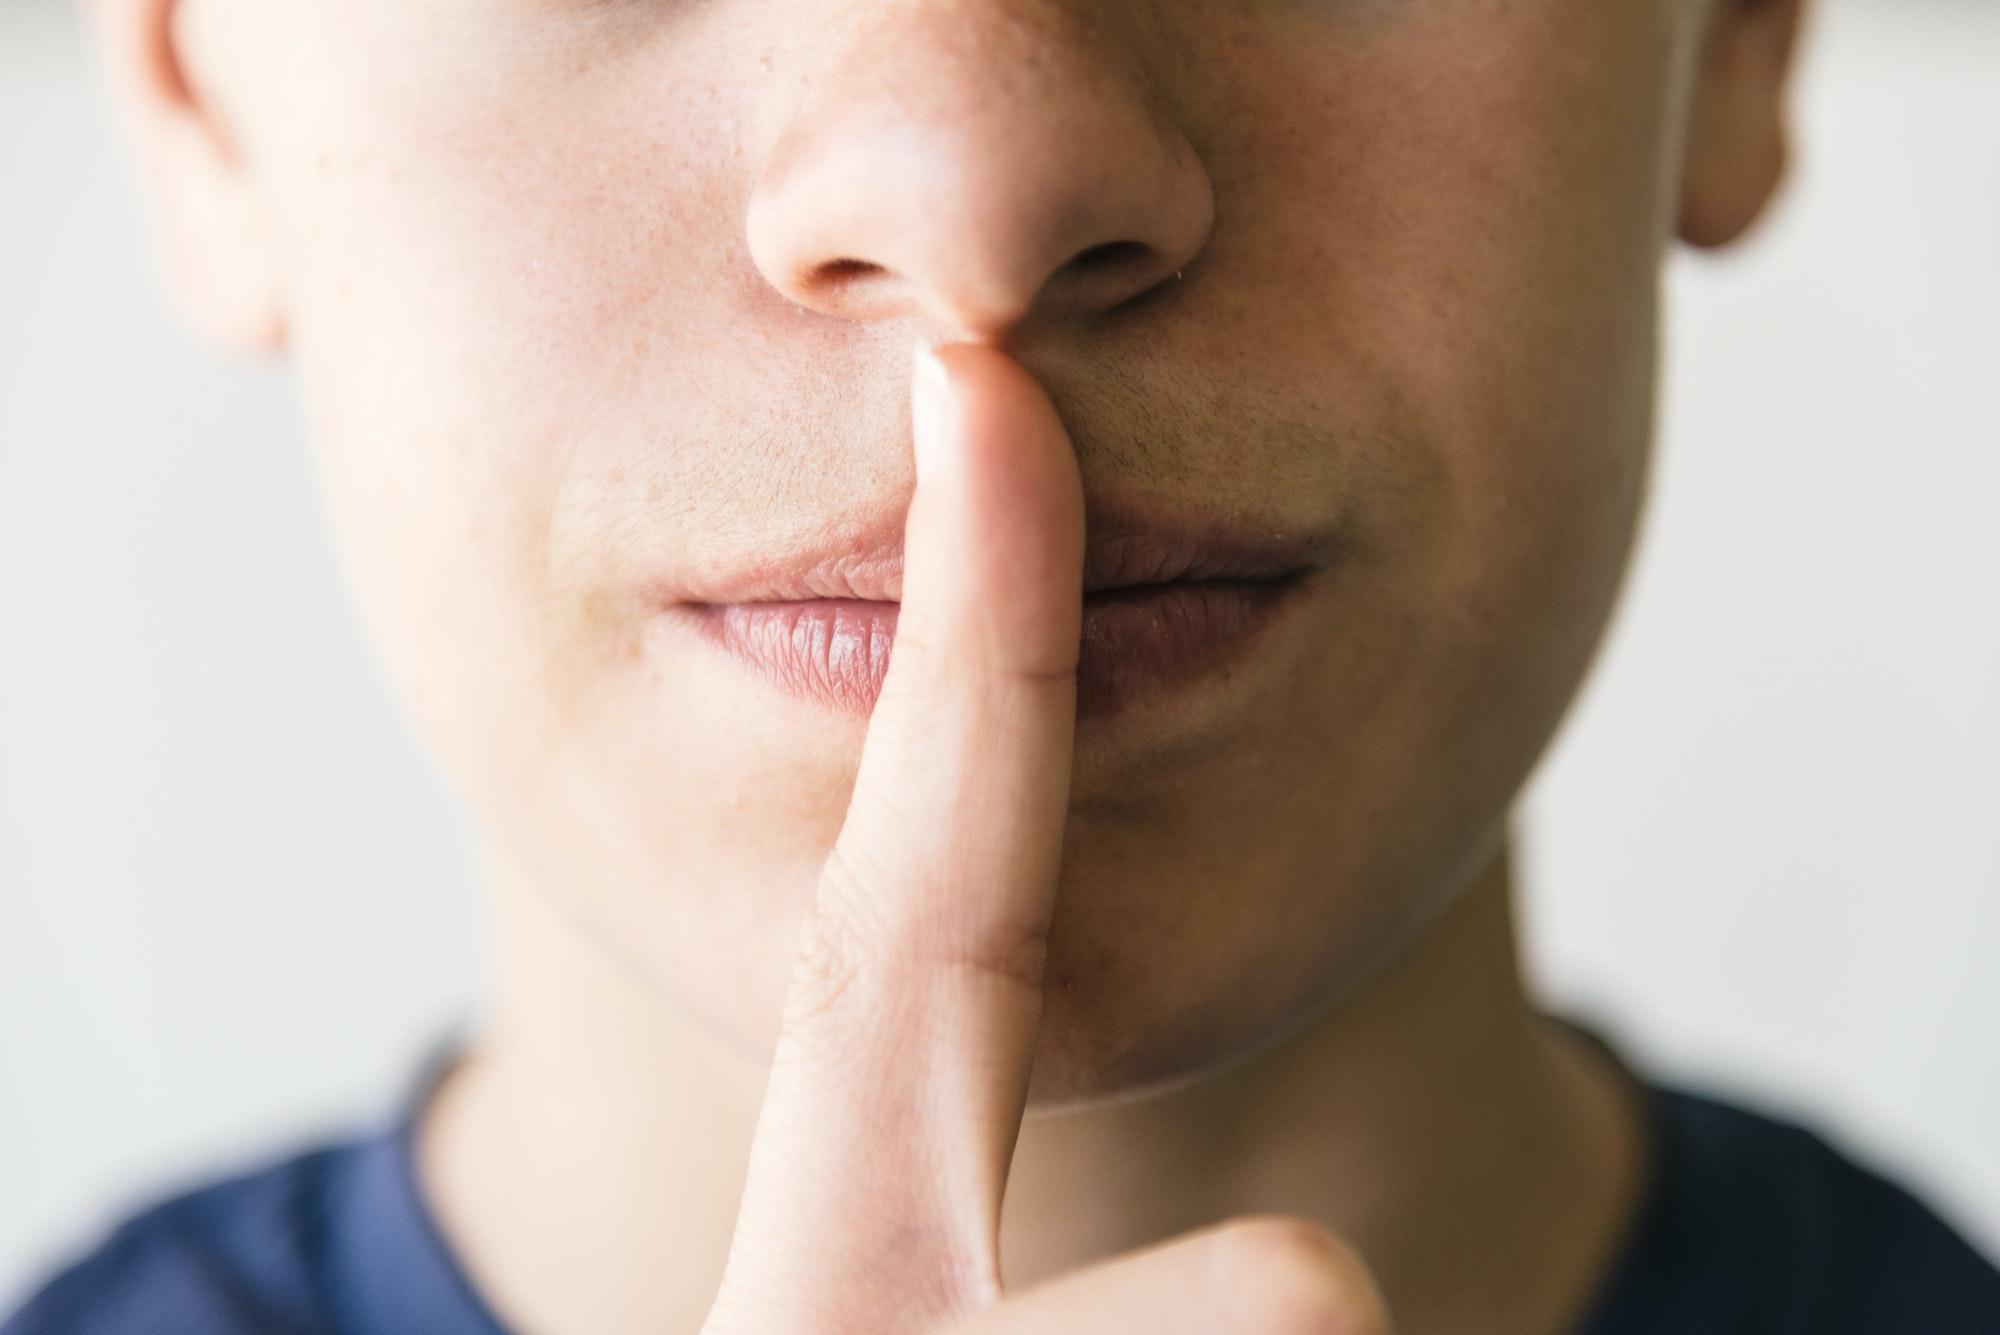 homme le doigt sur la bouche ne parle plus à son ex